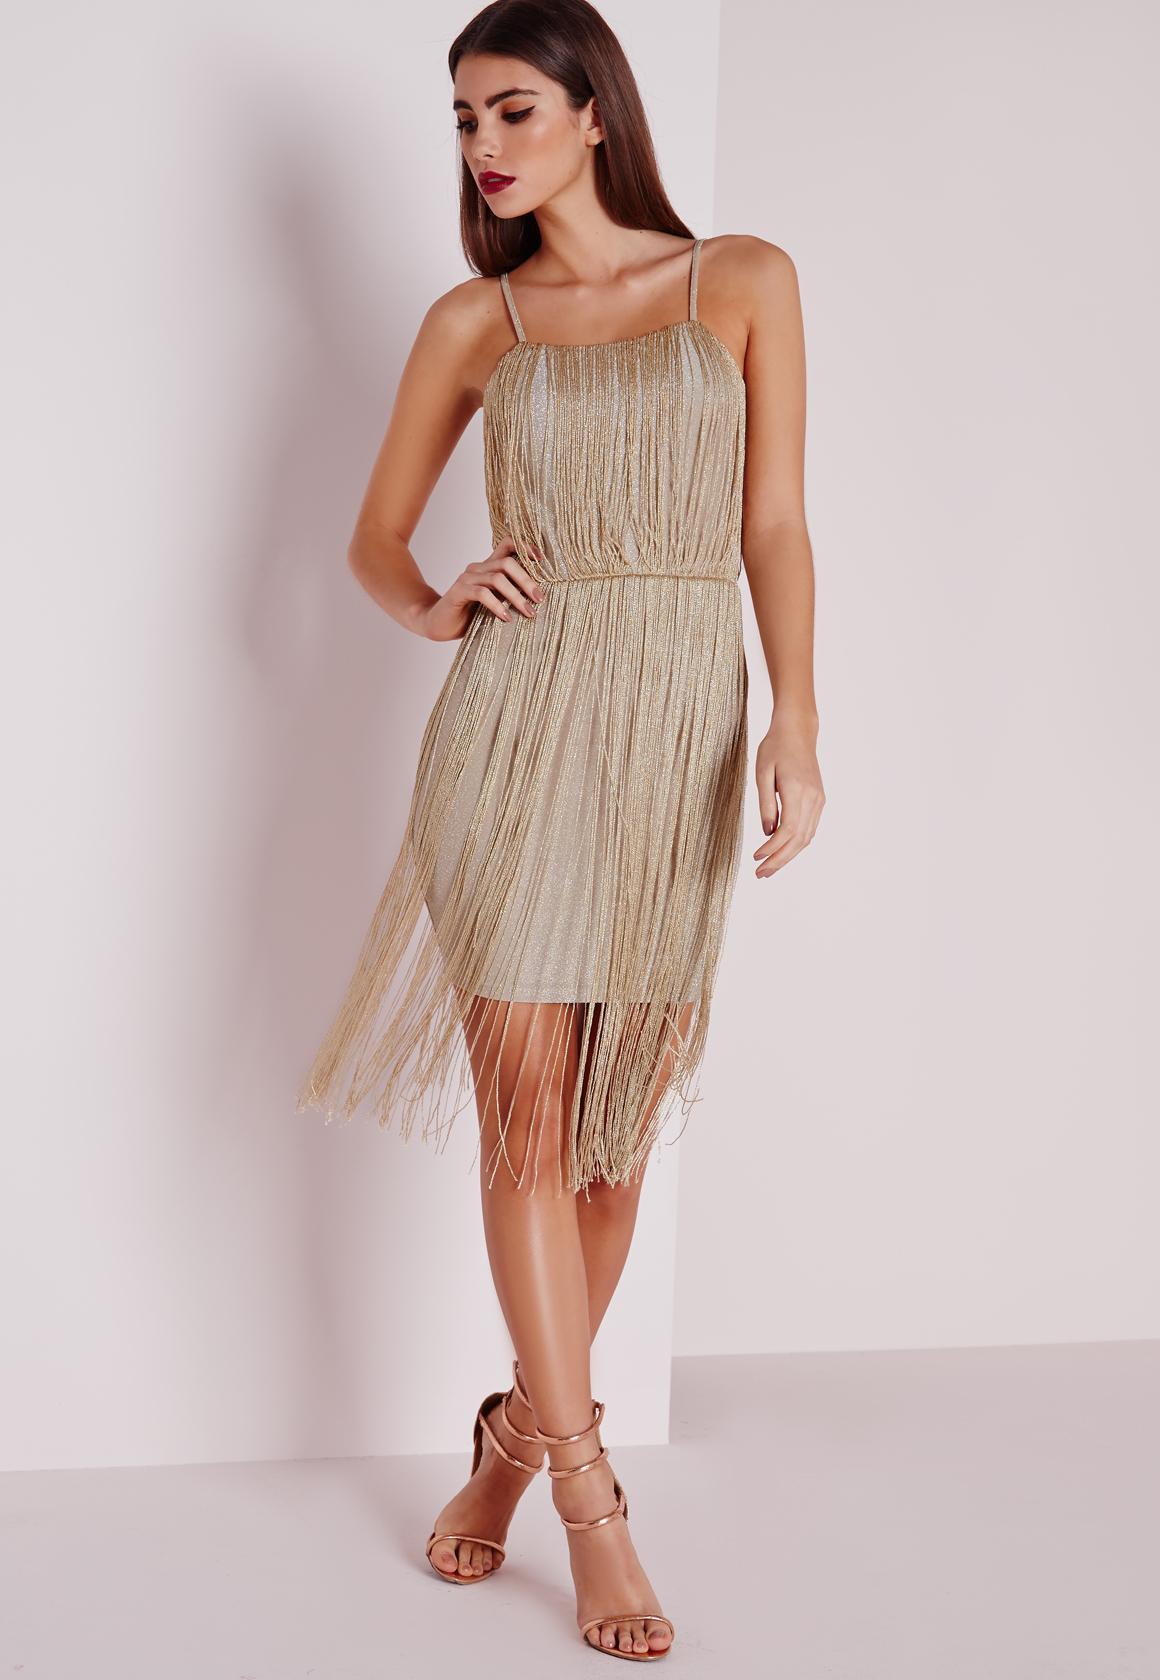 A Fringe Dress